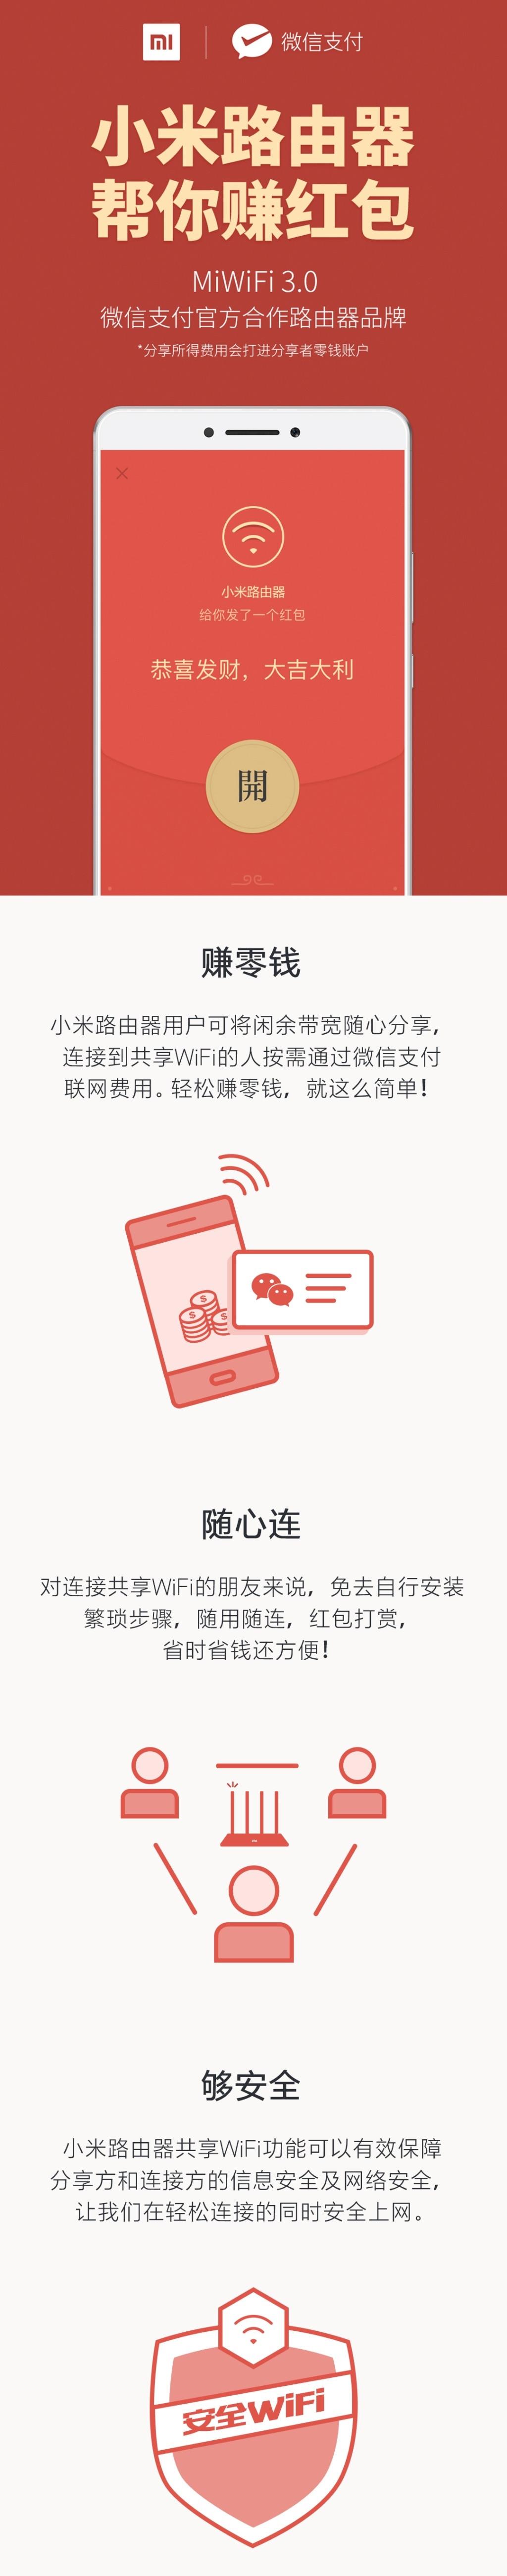 小米路由器新功能上线 – 分享 Wi-Fi 能挣钱